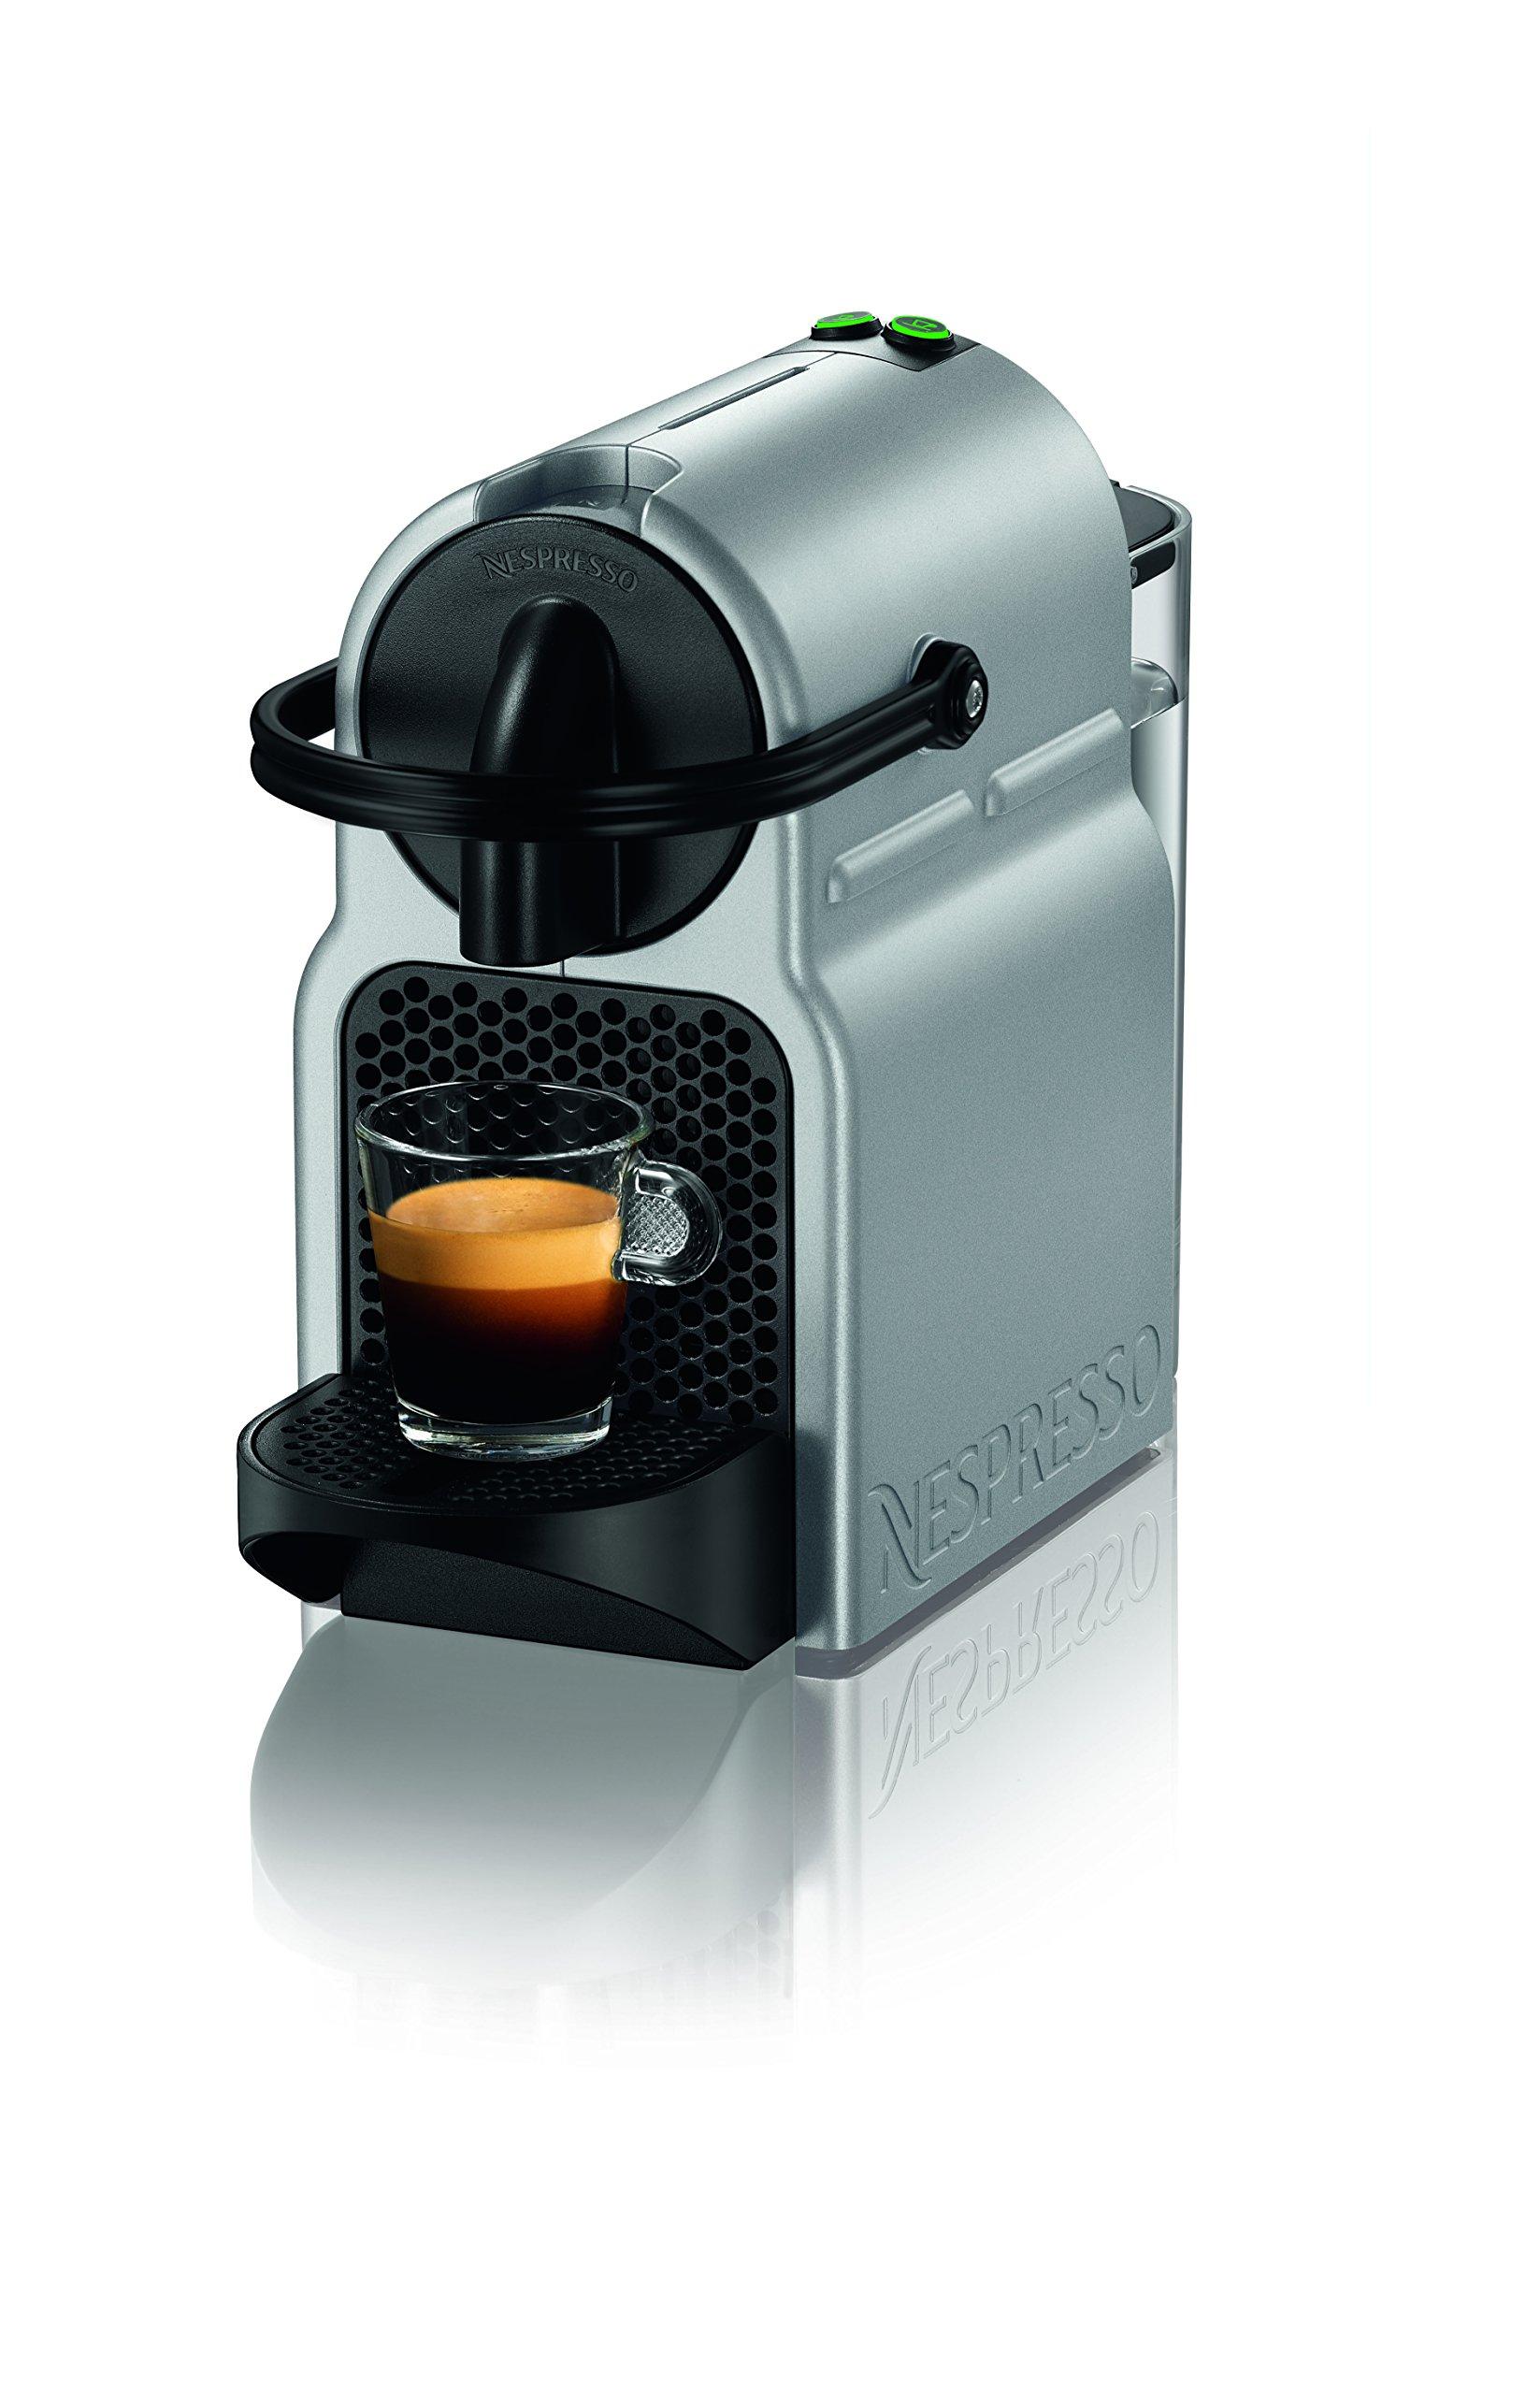 Nespresso D40-US-SI-NE Inissia Espresso Maker, Silver (Discontinued Model)